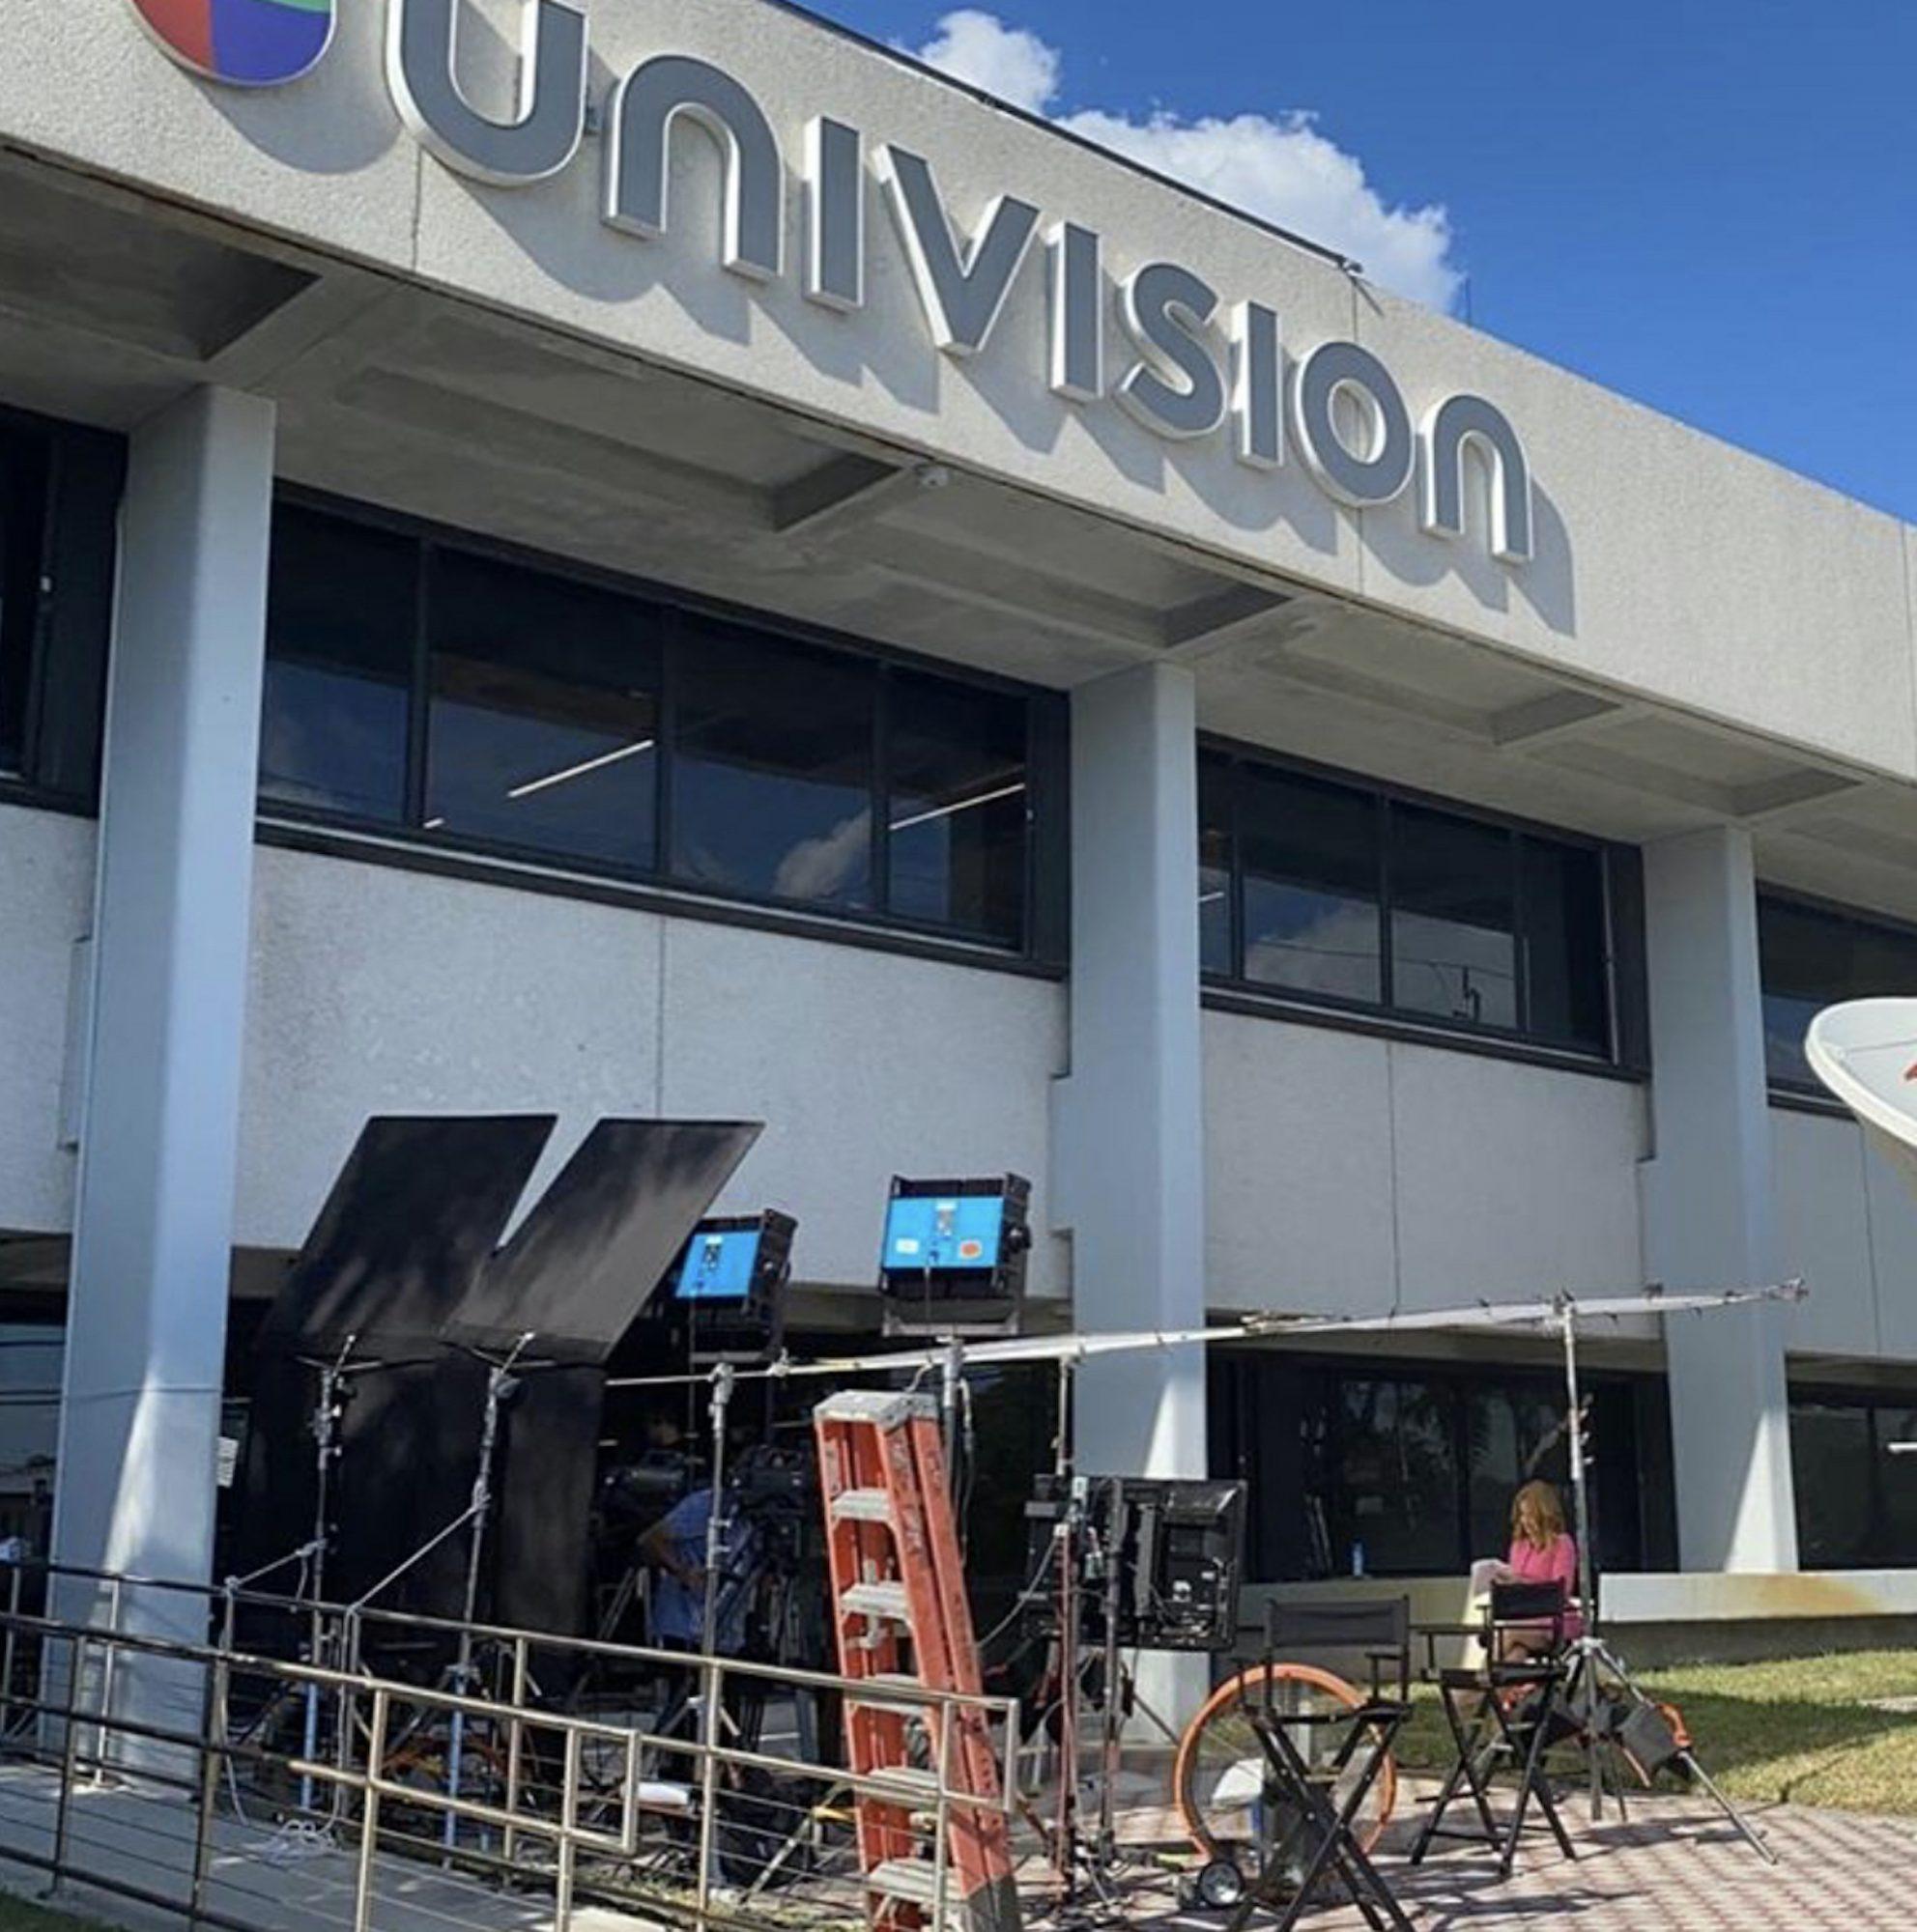 Univision coronavirus 6